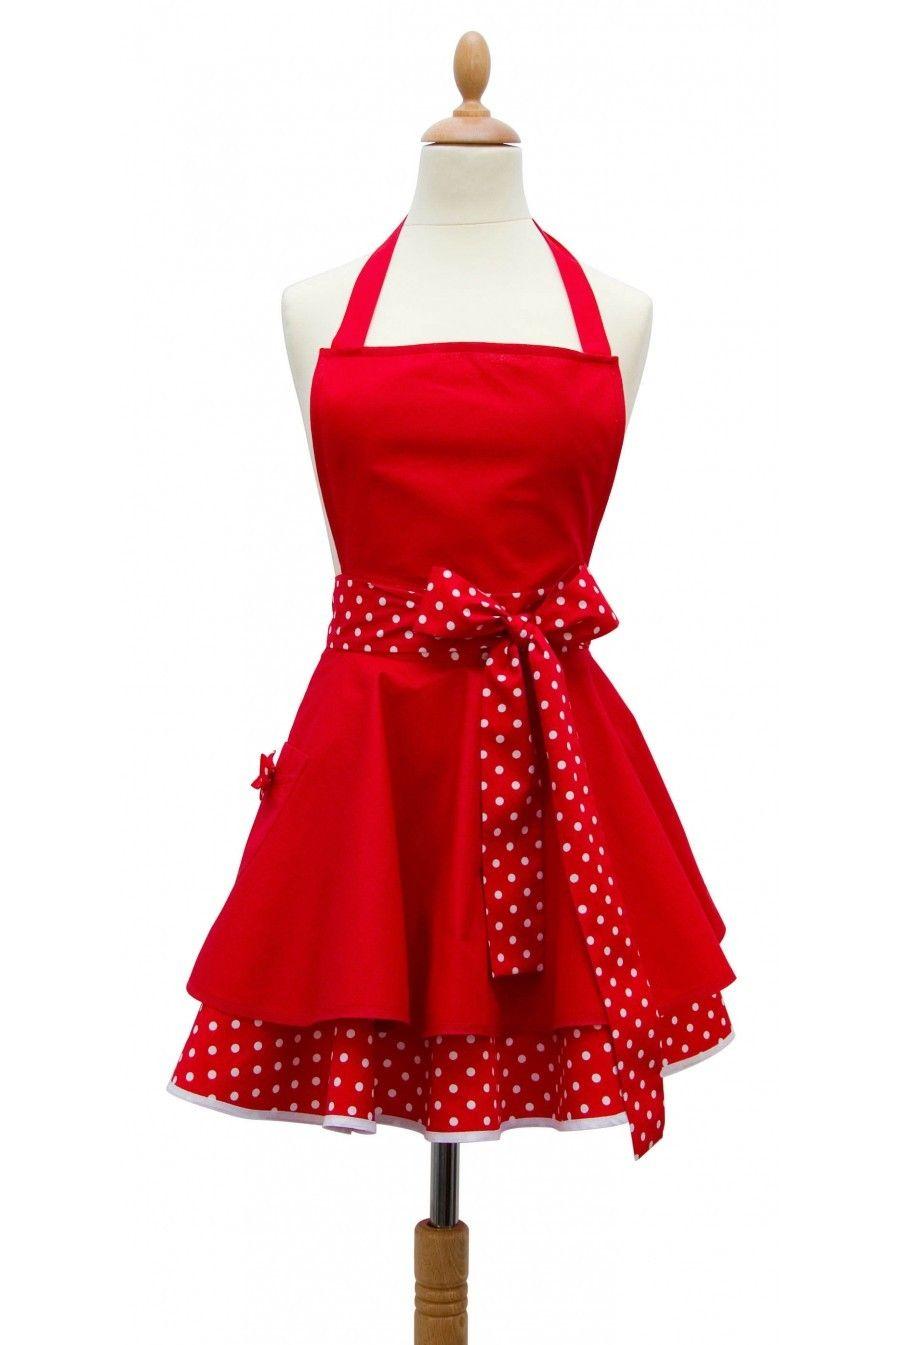 Cadeaux Cuisine, Gant De Cuisine, Cuisine Rouge, Cadeaux Couture, Tuto  Couture Tablier